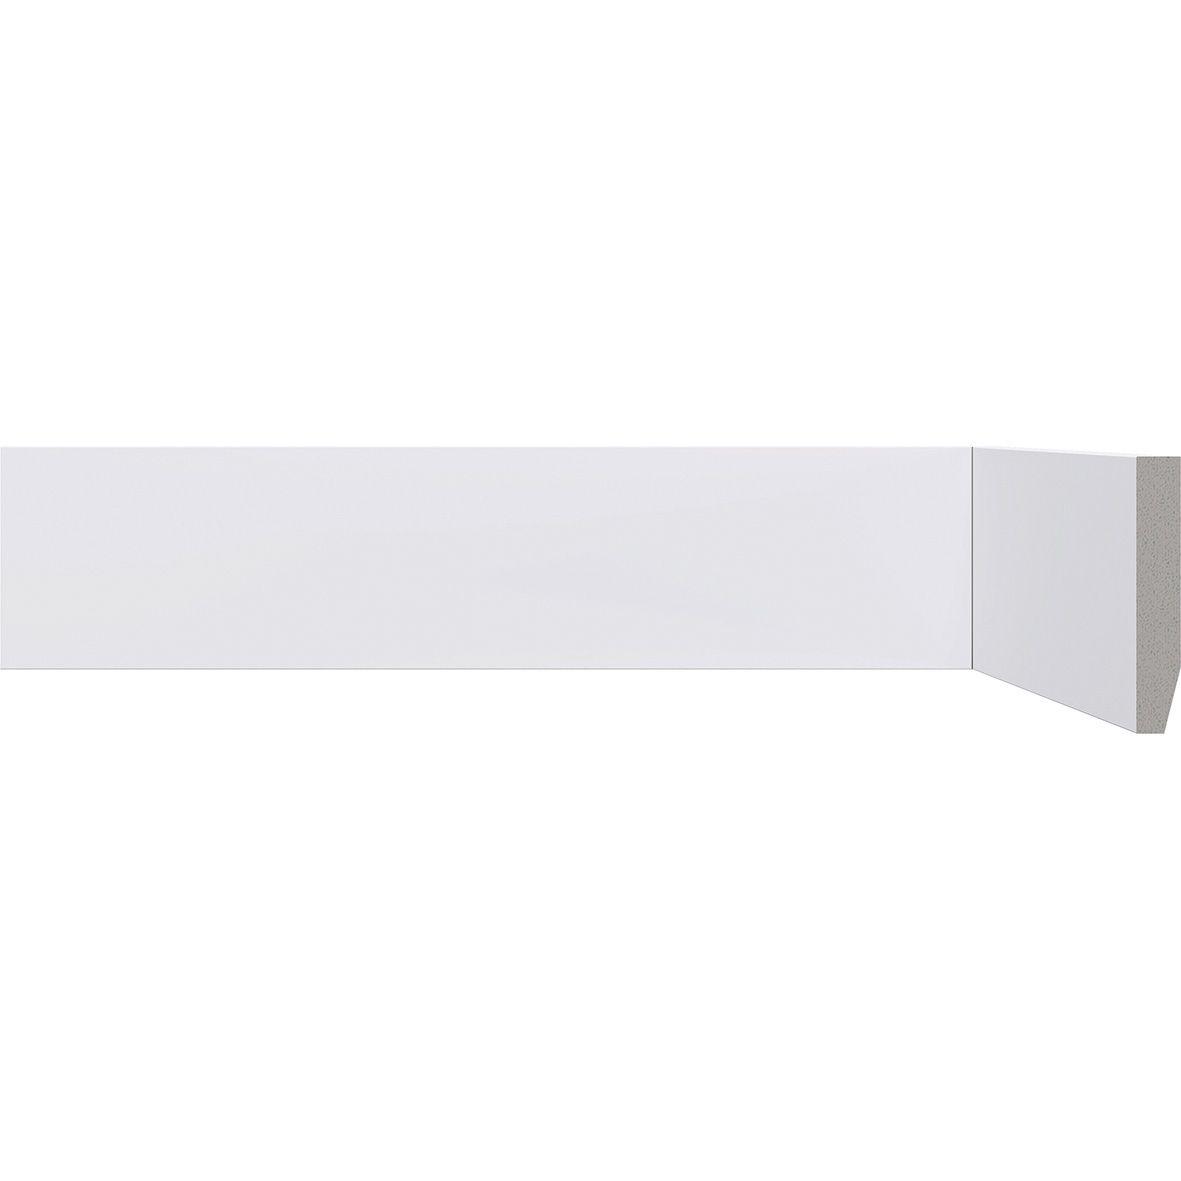 Rodapé Branco Premium 10 Cm Liso De Poliestireno